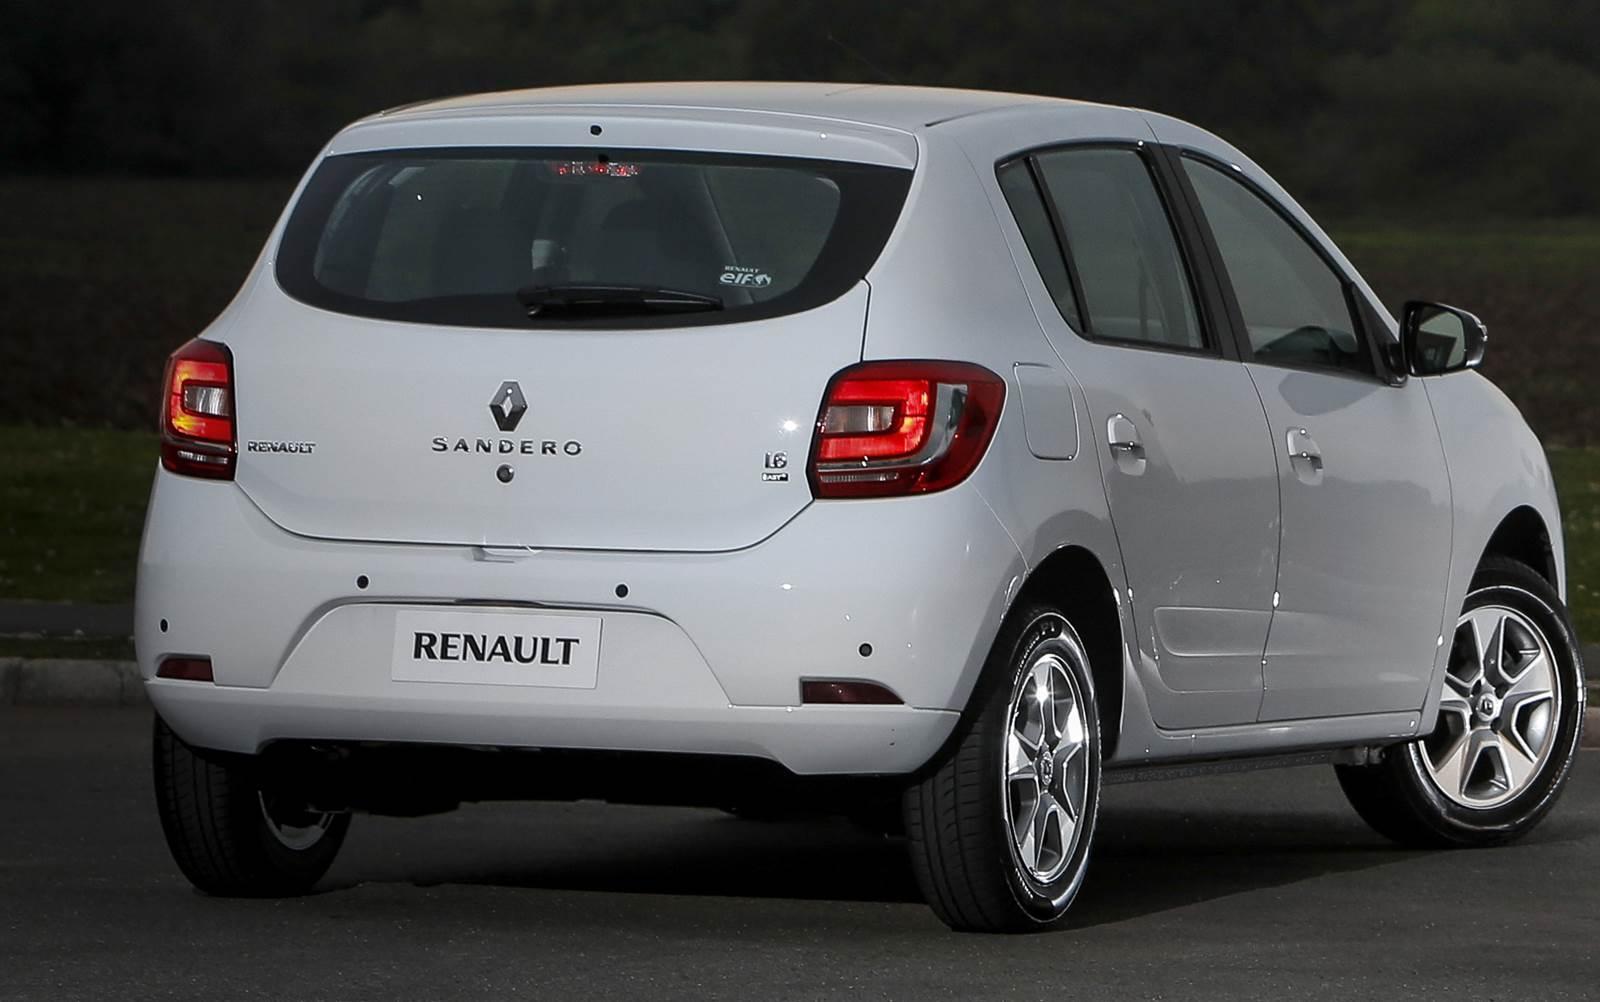 Renault Sandero 1.6 - 10º carro mais vendido